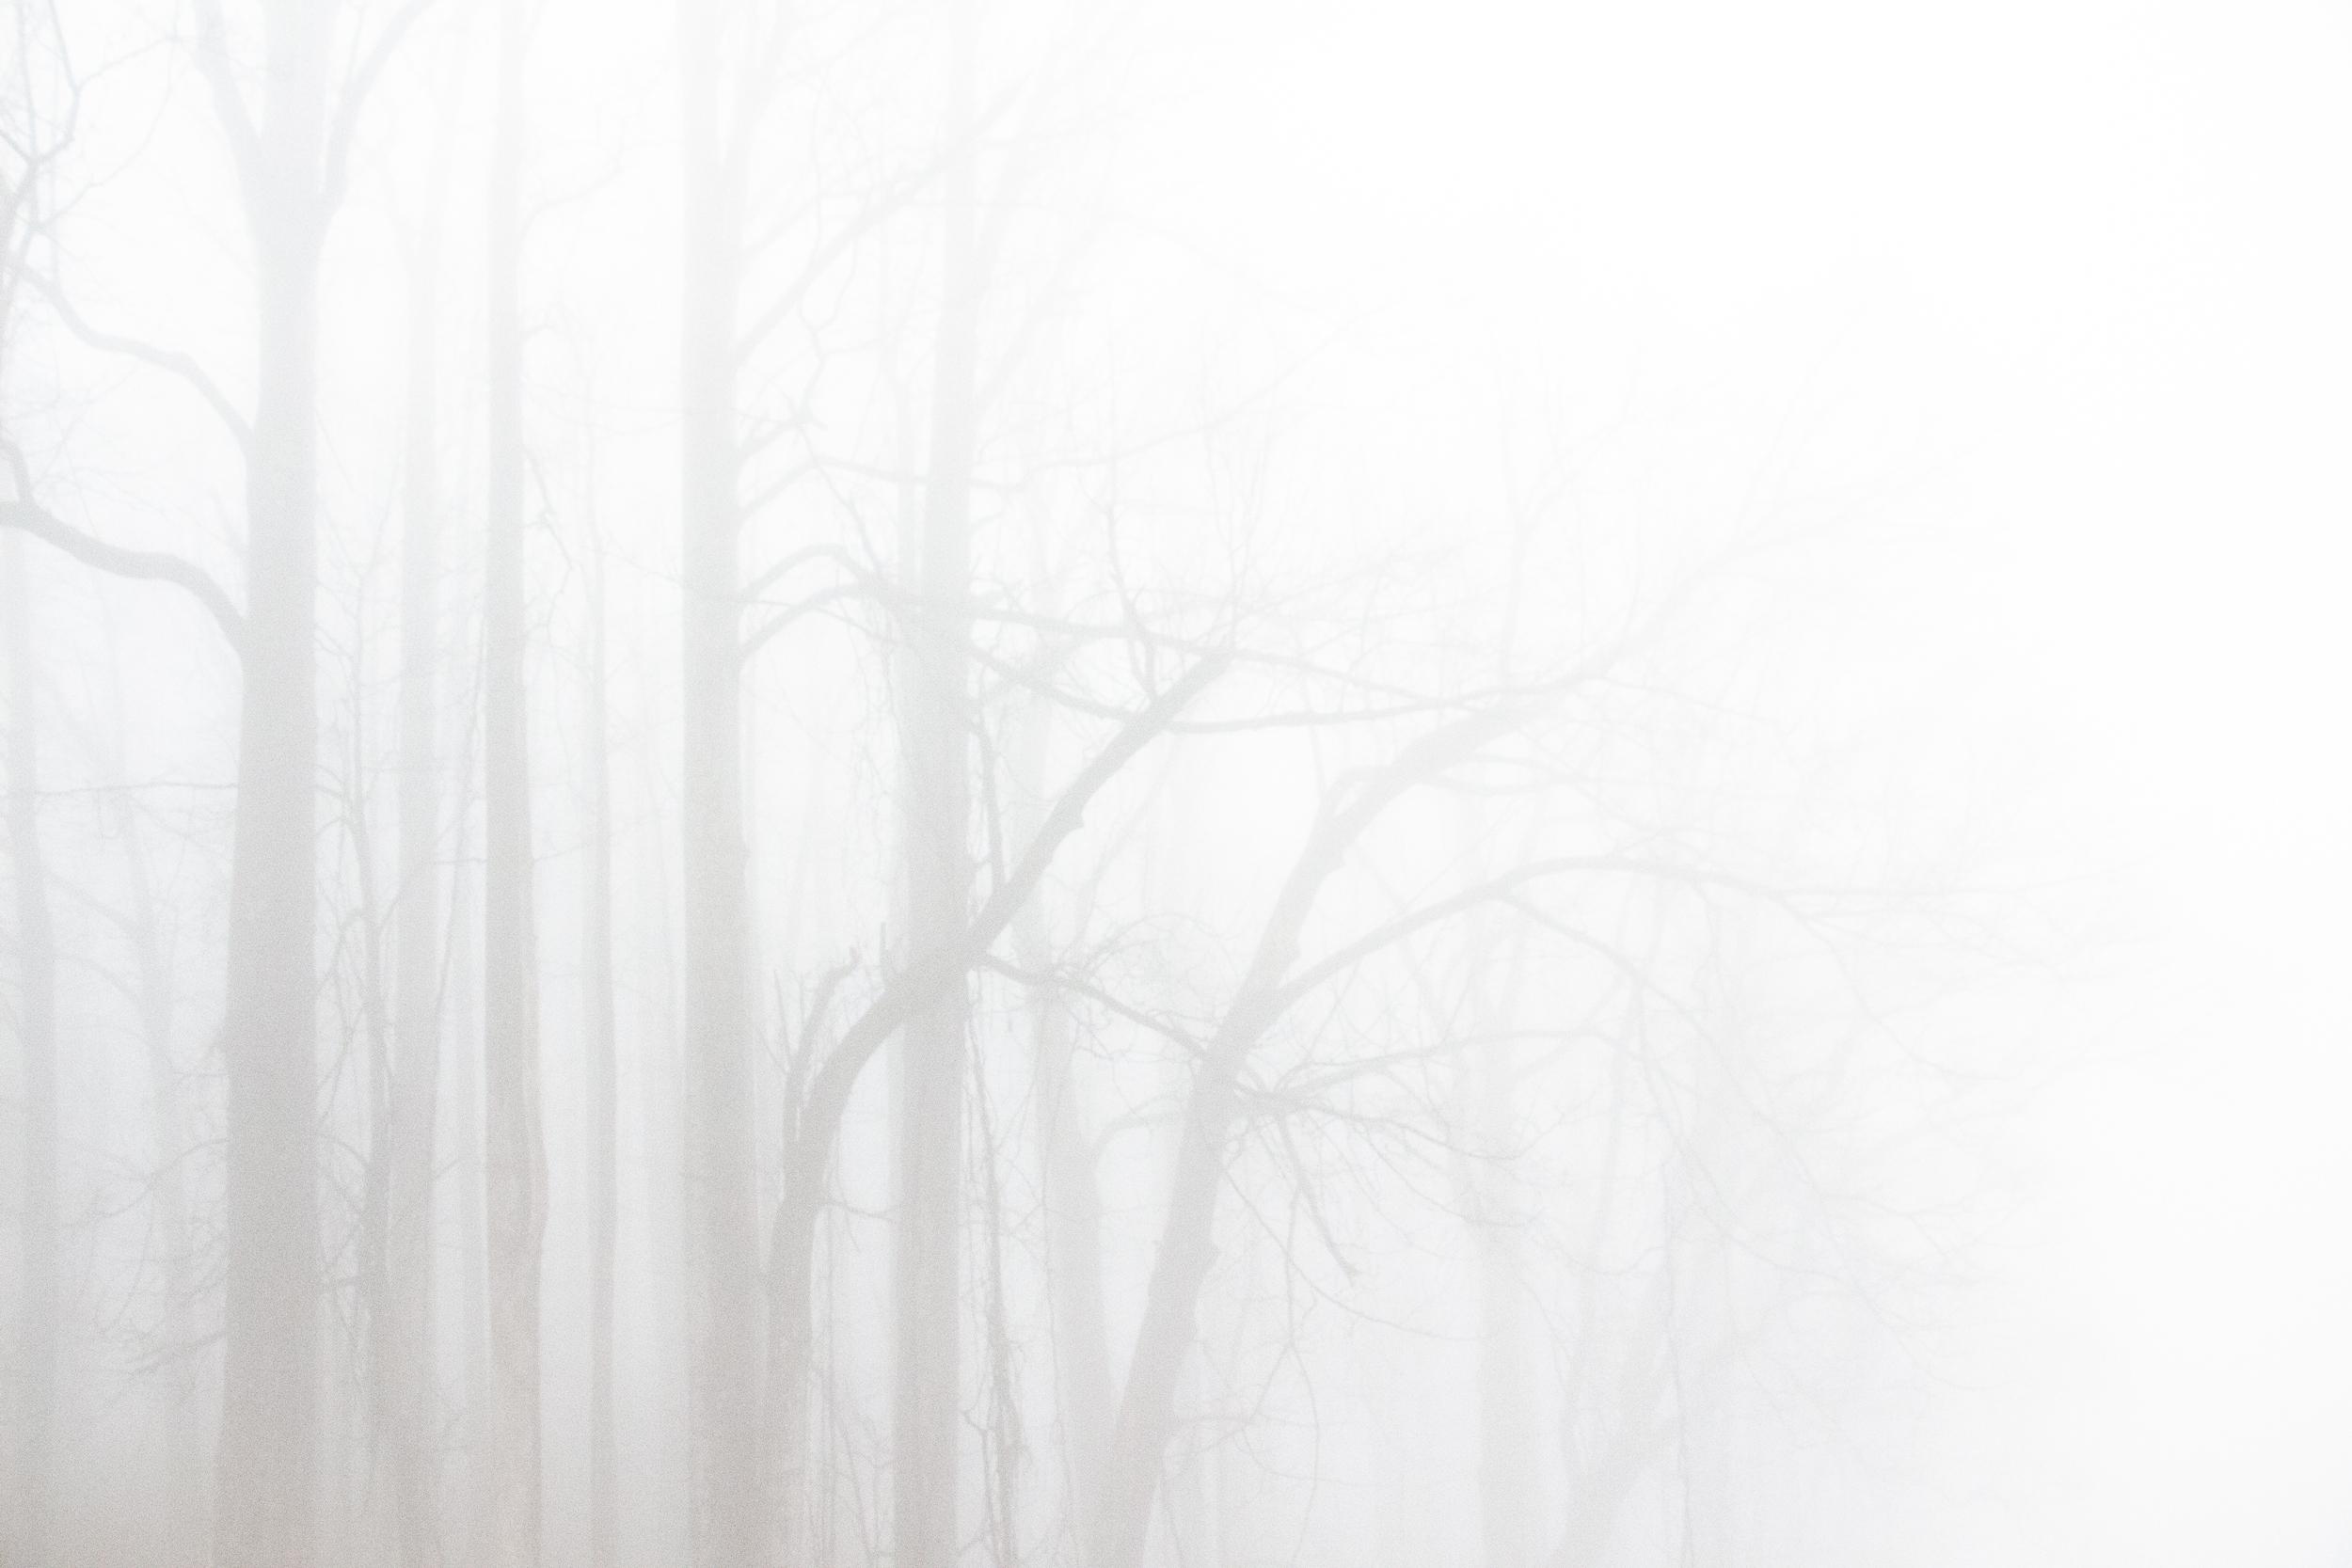 ghosttrees2.jpg